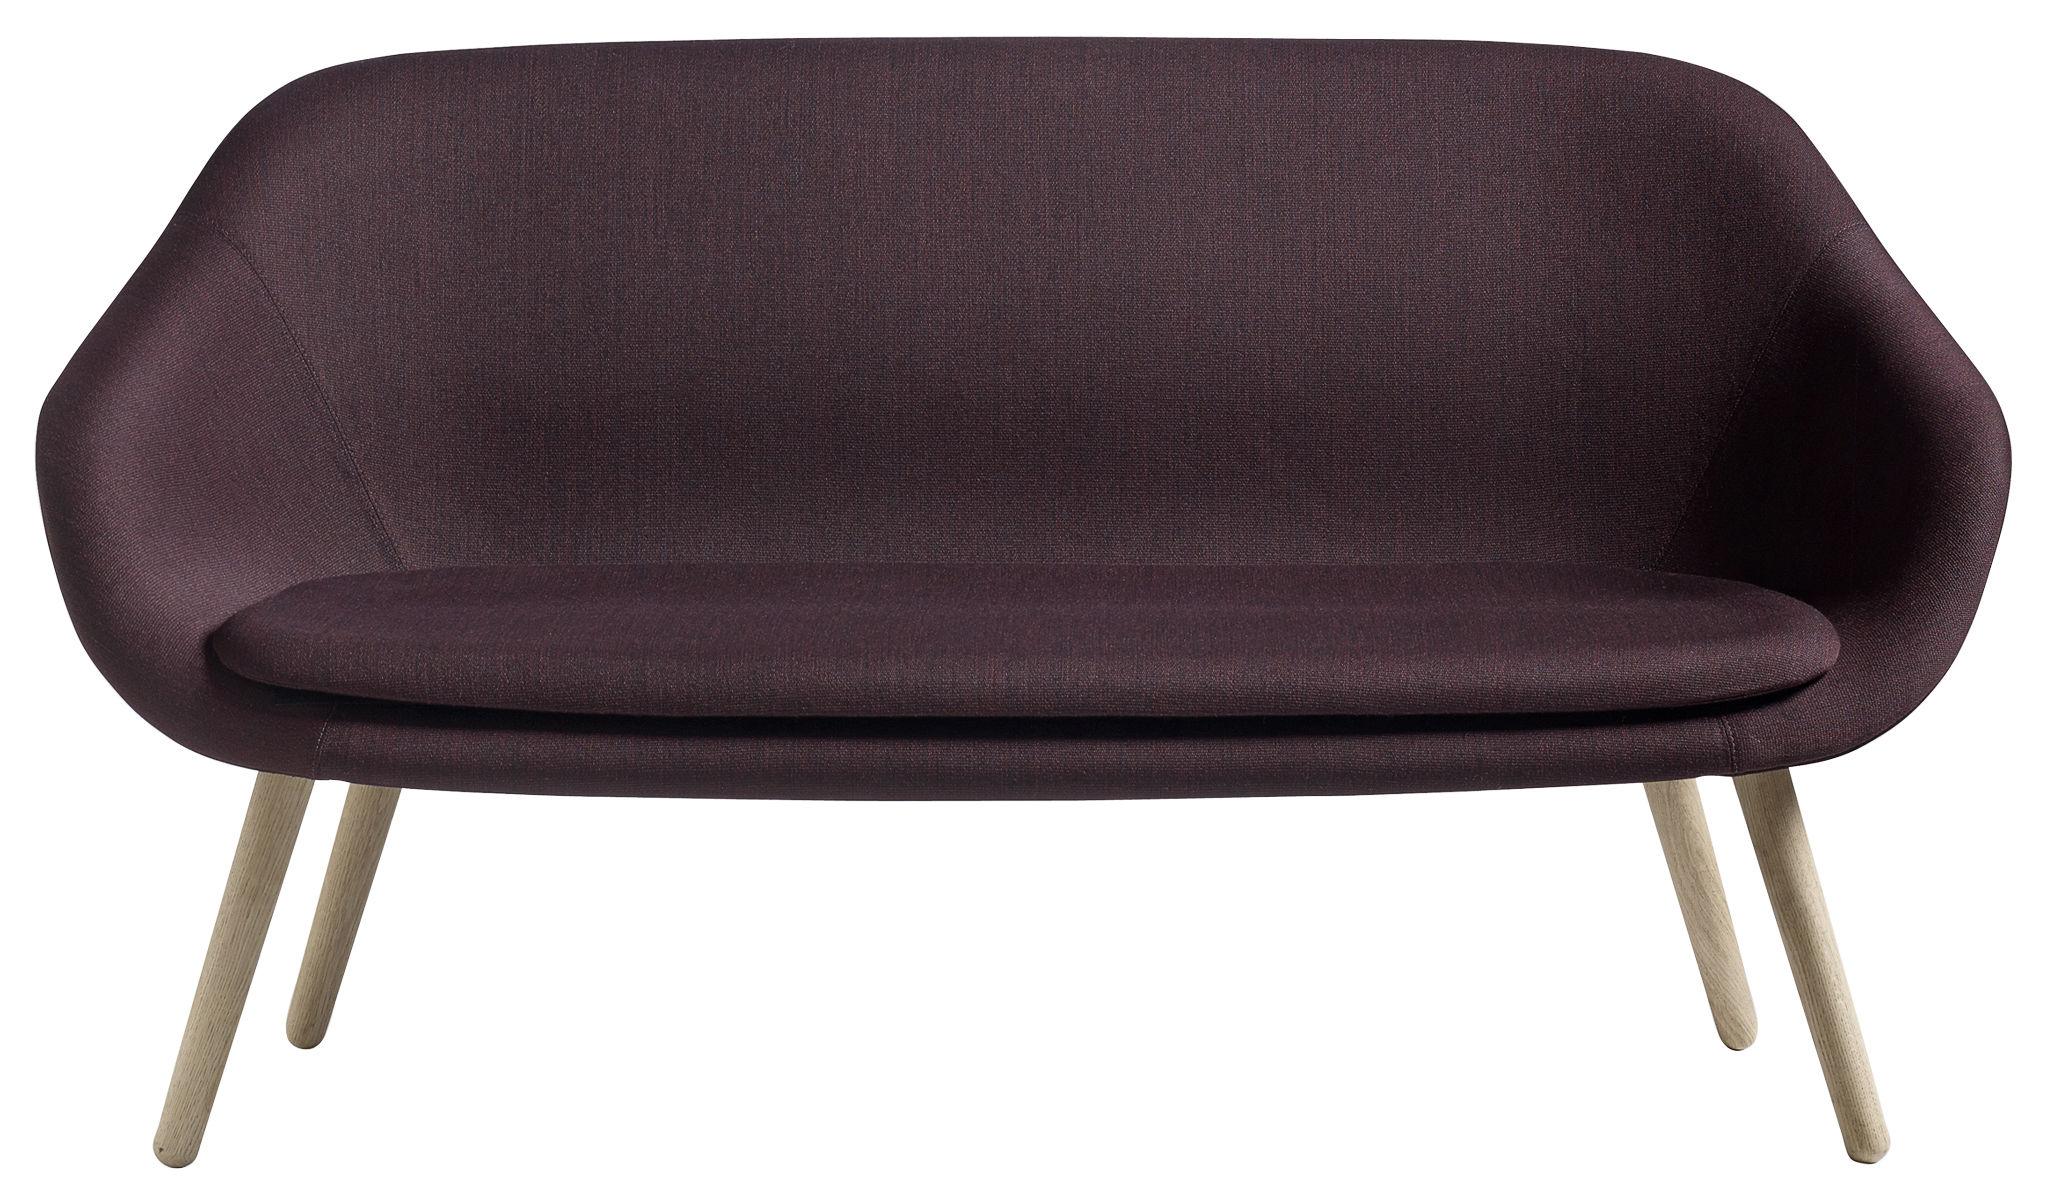 canap droit about a lounge sofa for comwel l 150 cm 2 places bordeaux bois naturel hay. Black Bedroom Furniture Sets. Home Design Ideas